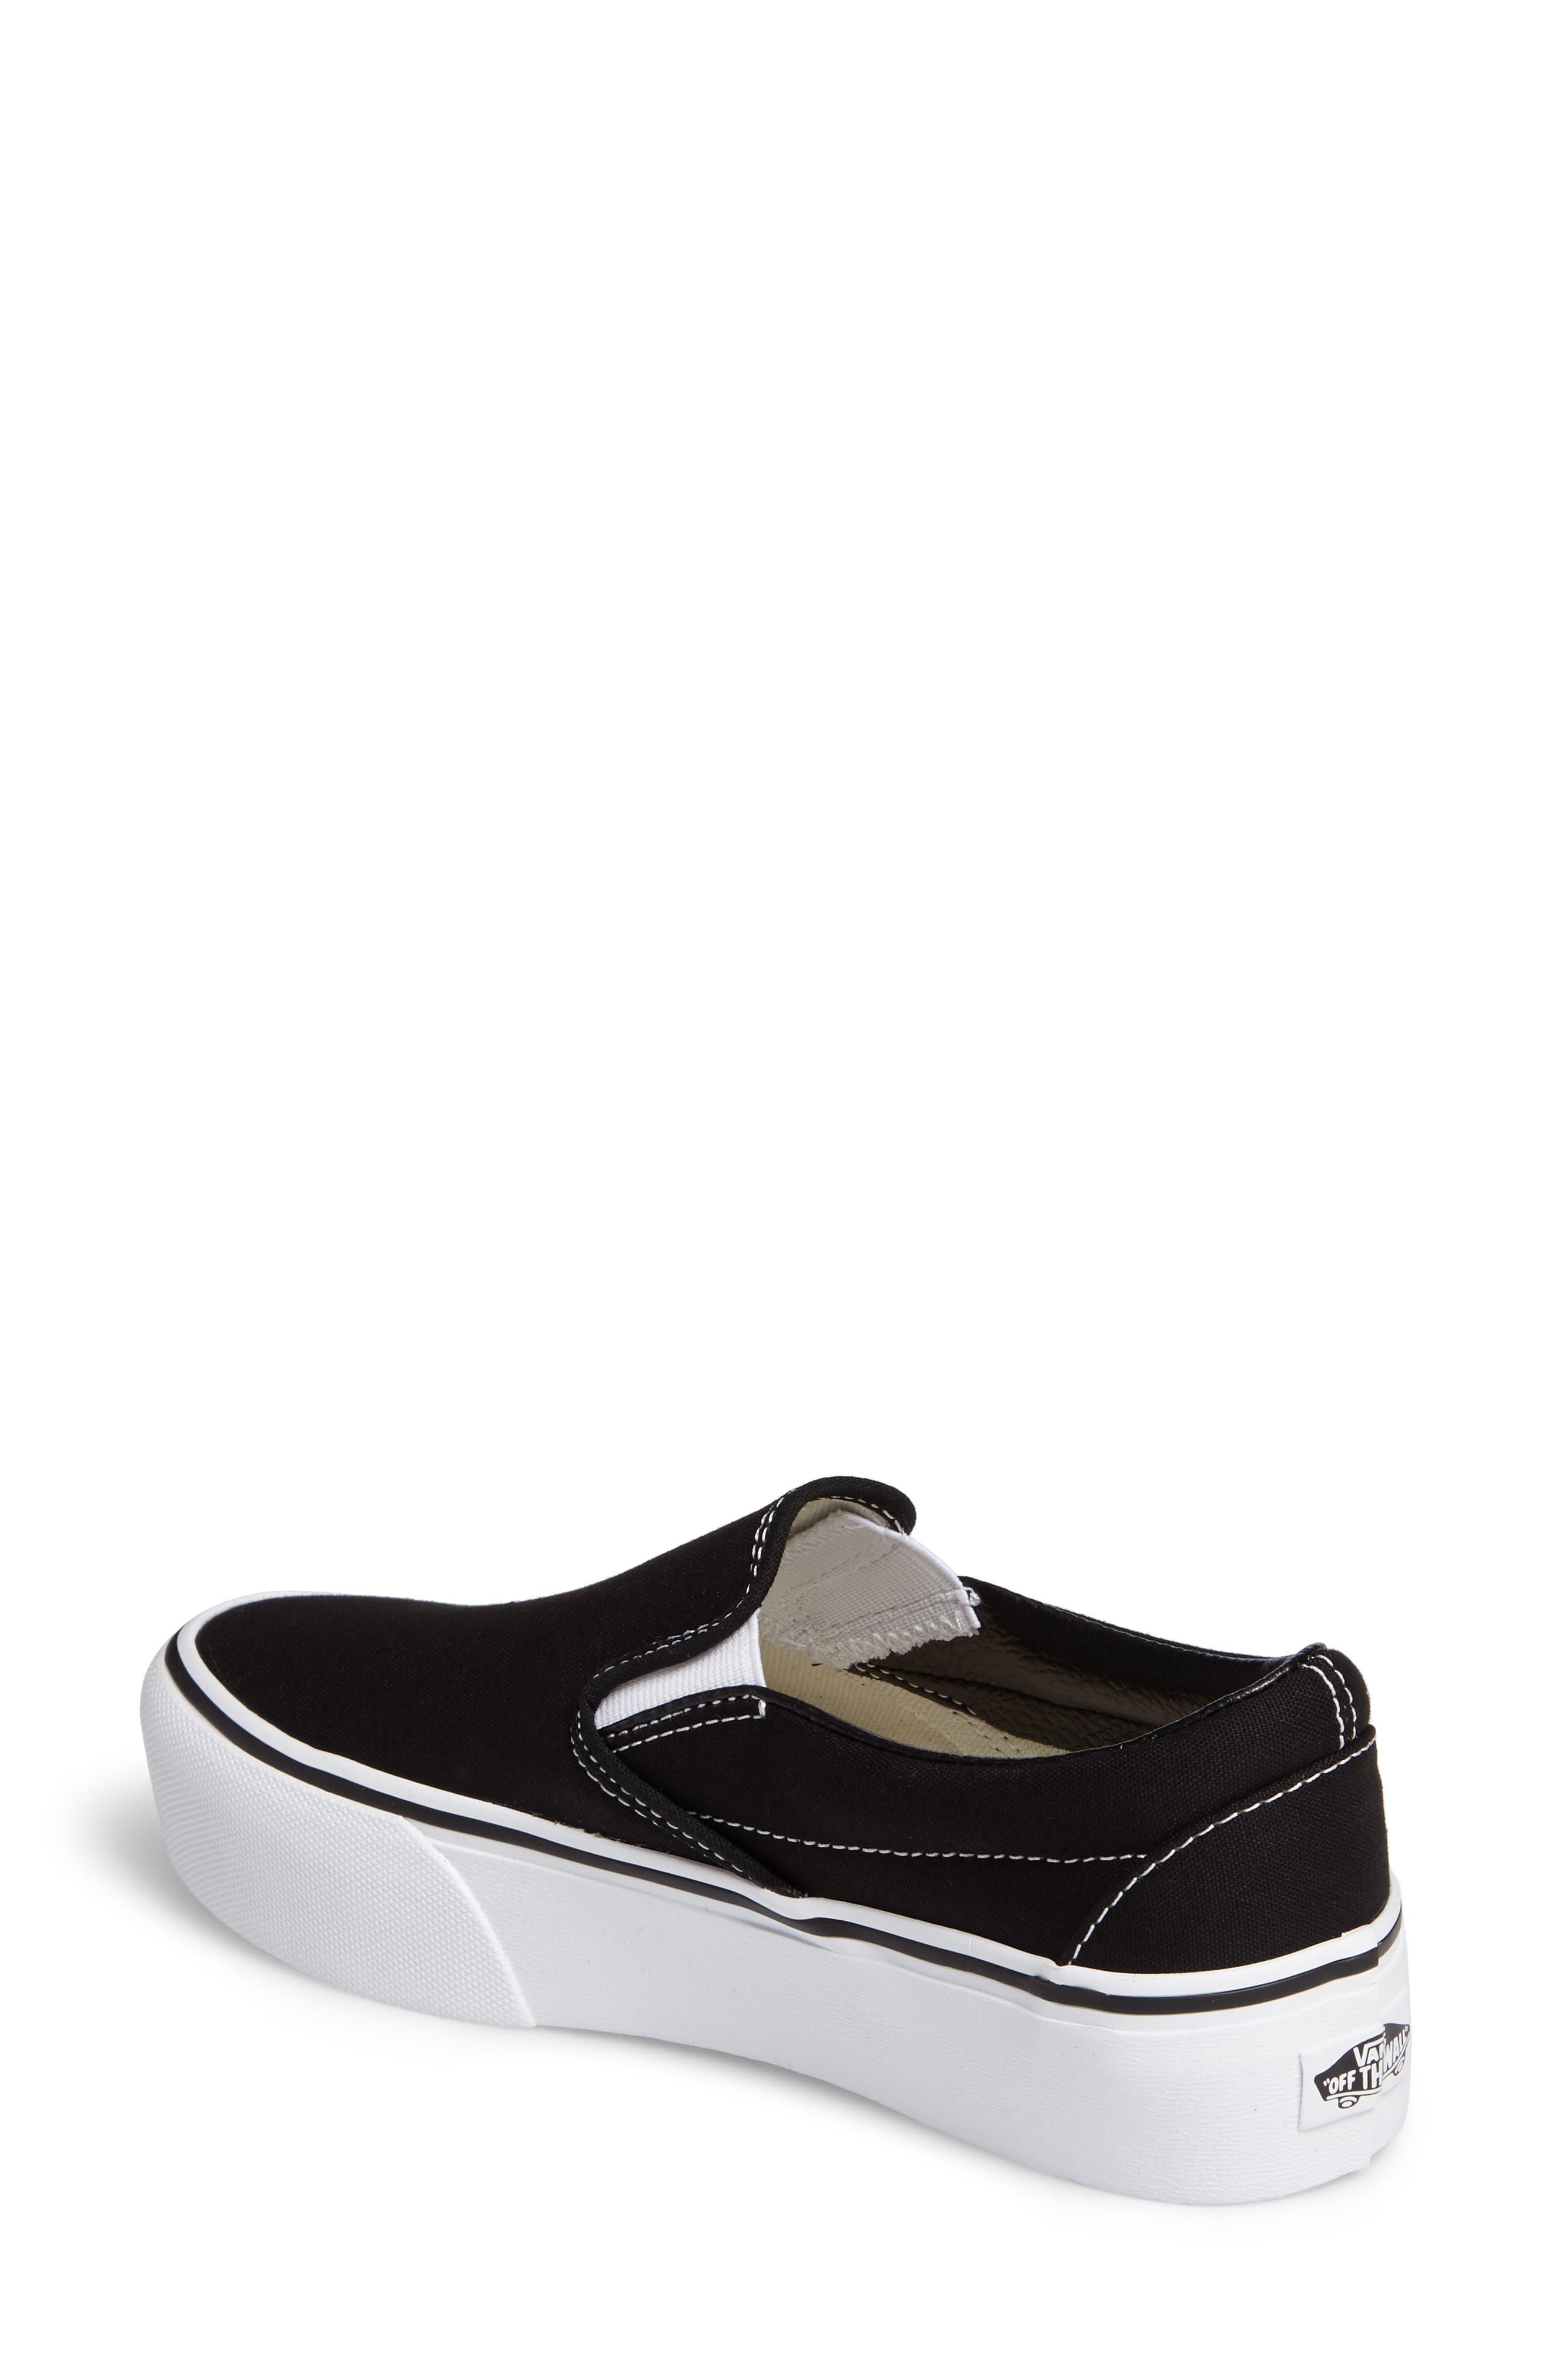 VANS, Platform Slip-On Sneaker, Alternate thumbnail 2, color, BLACK/ WHITE